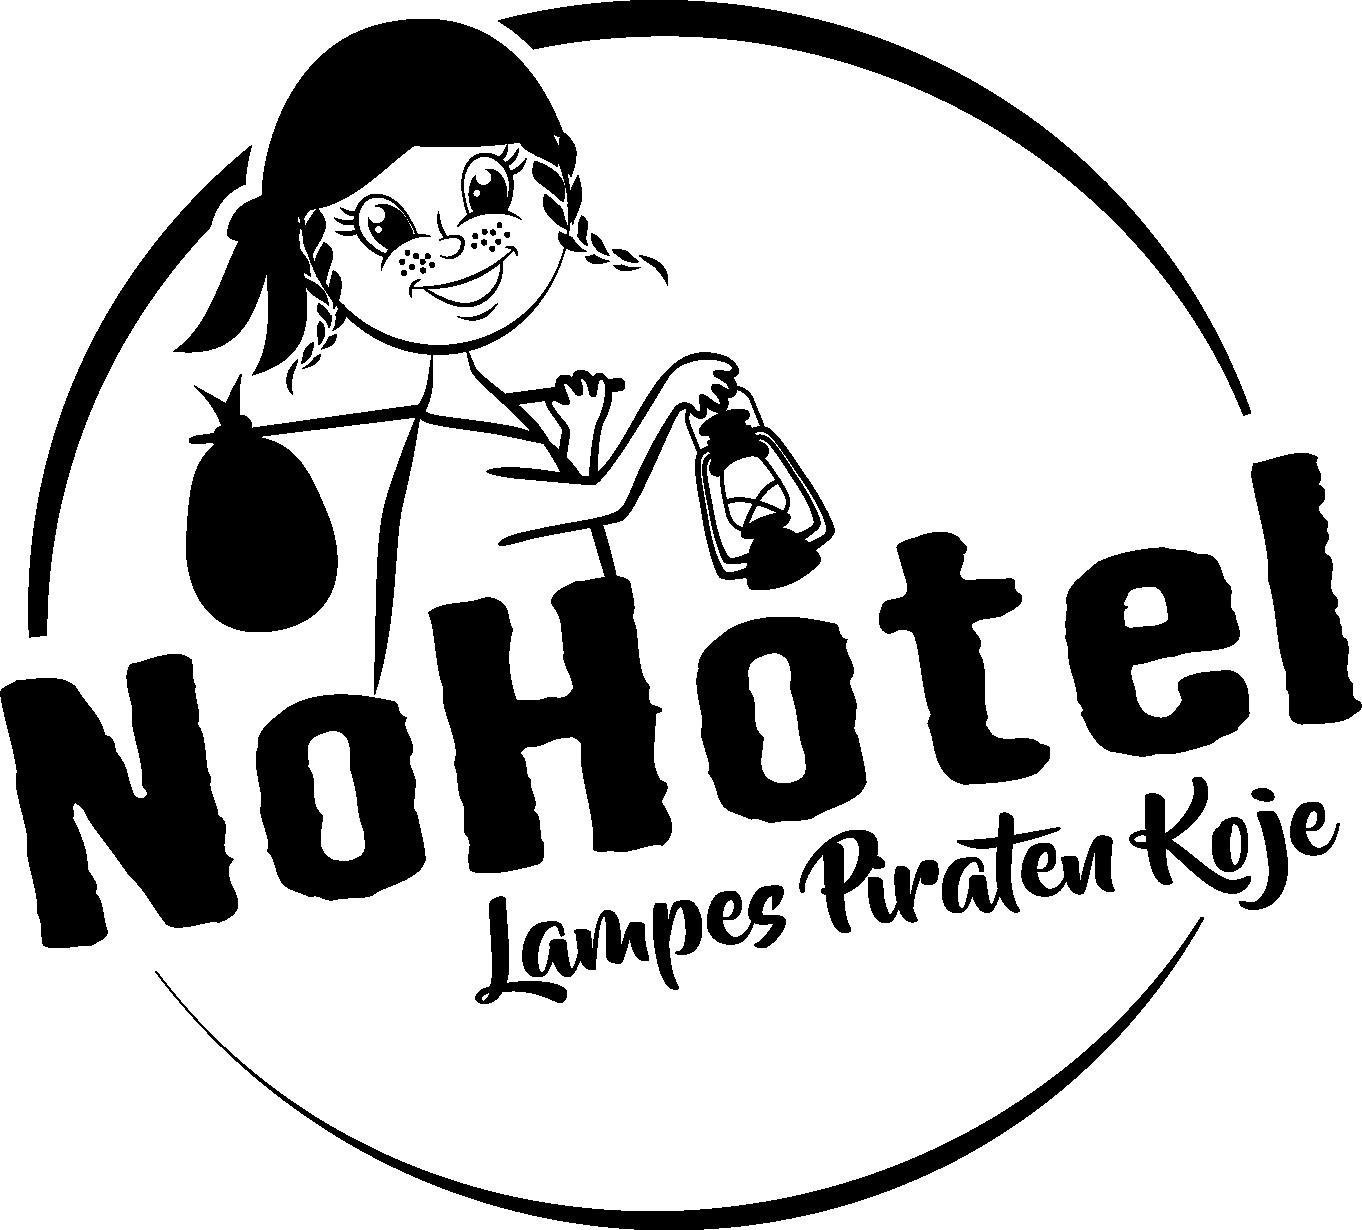 Logo NoHotel - Lampes Piraten Koje